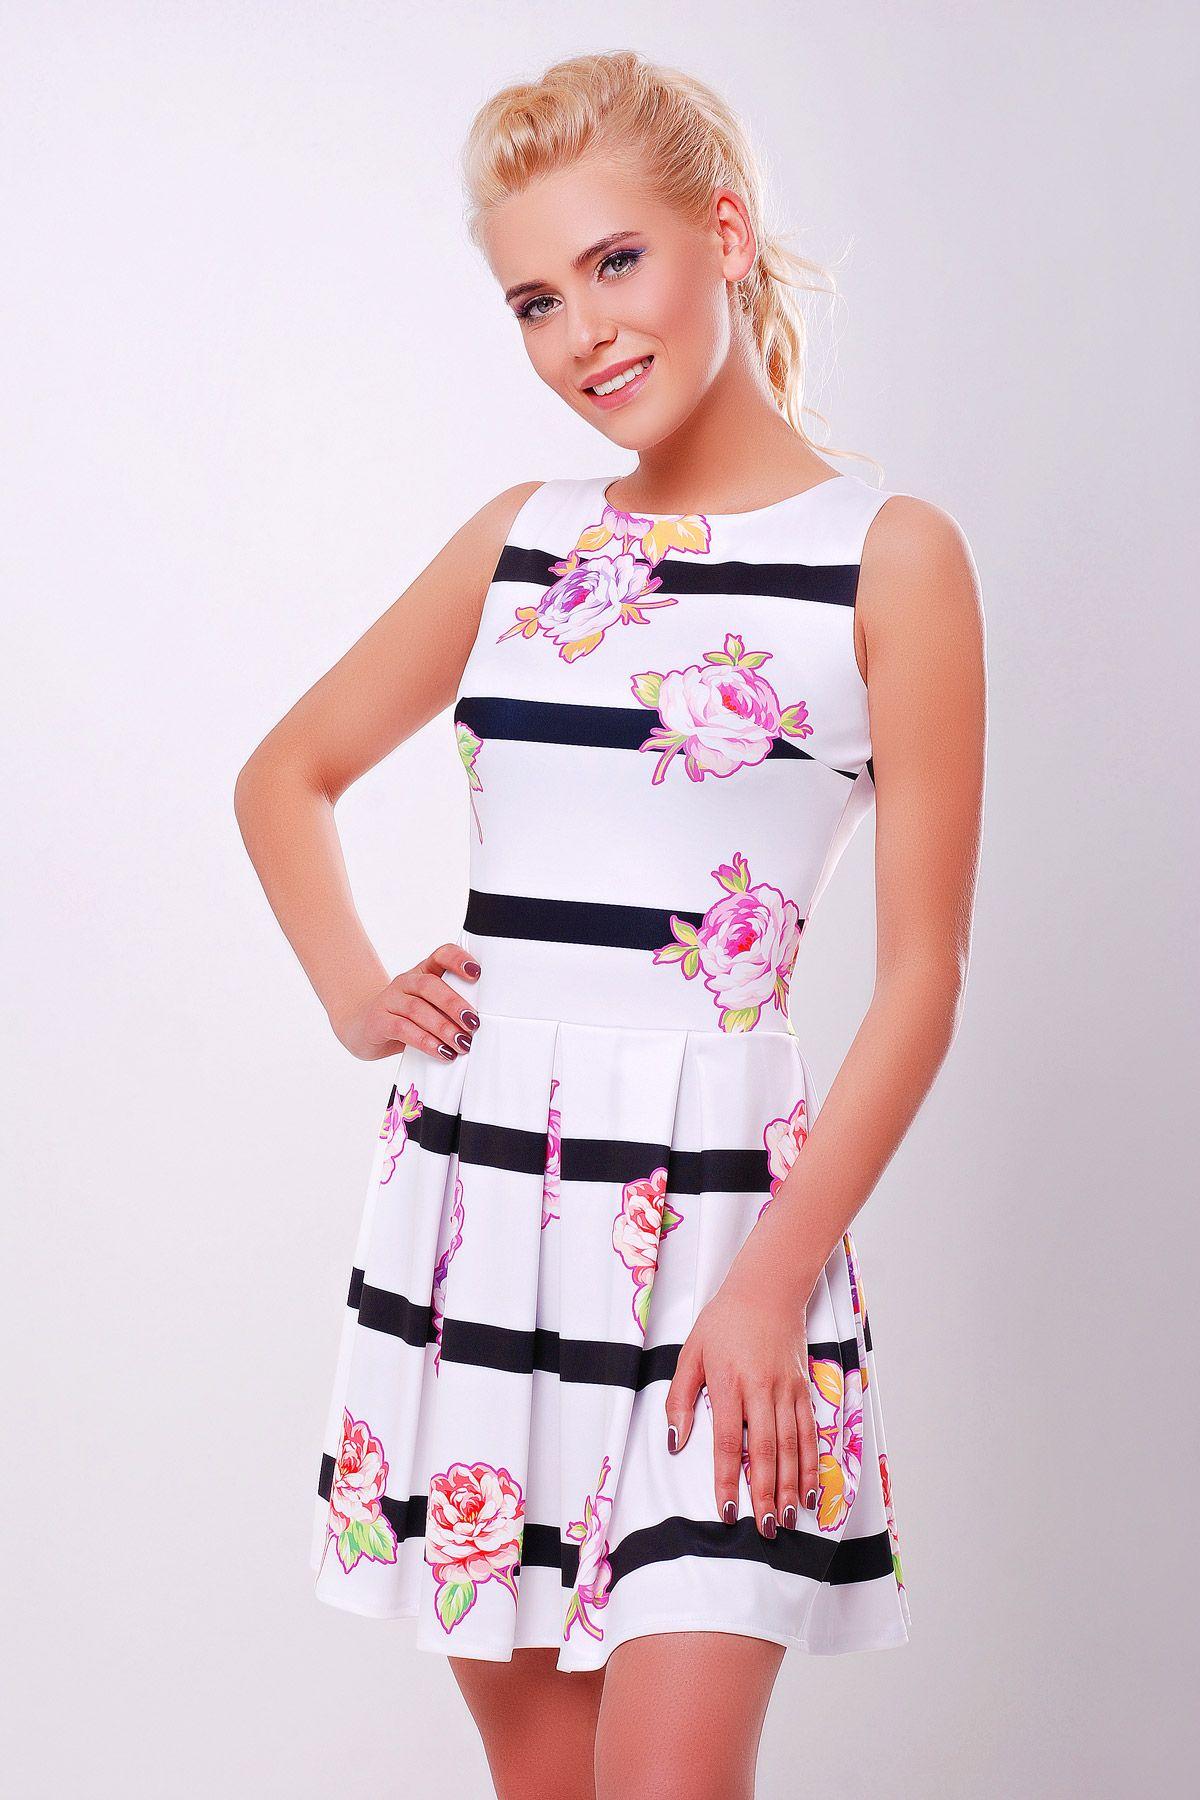 a97a96a34c1 Белое летнее платье без рукавов в горизонтальную черную полоску с цветами  на принте. Цветы-полоска платье Мия-1 б р. Цвет  принт